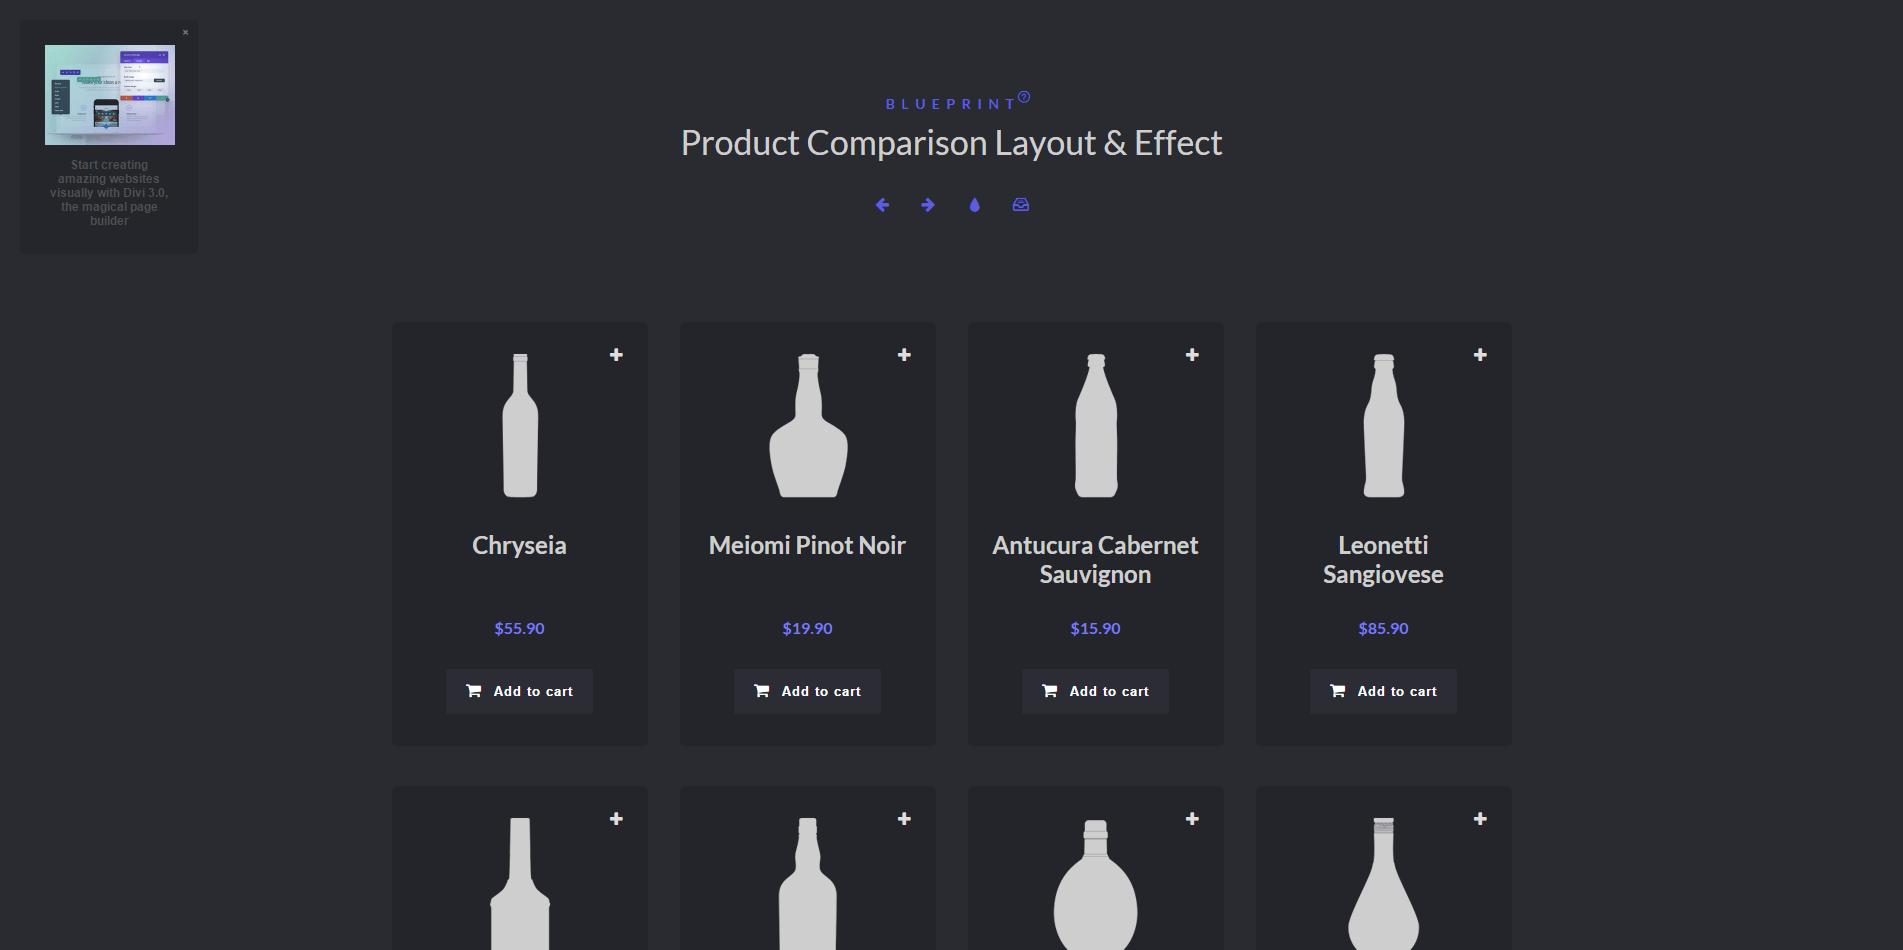 好看的产品对比布局-Product Comparison Layout & Effect